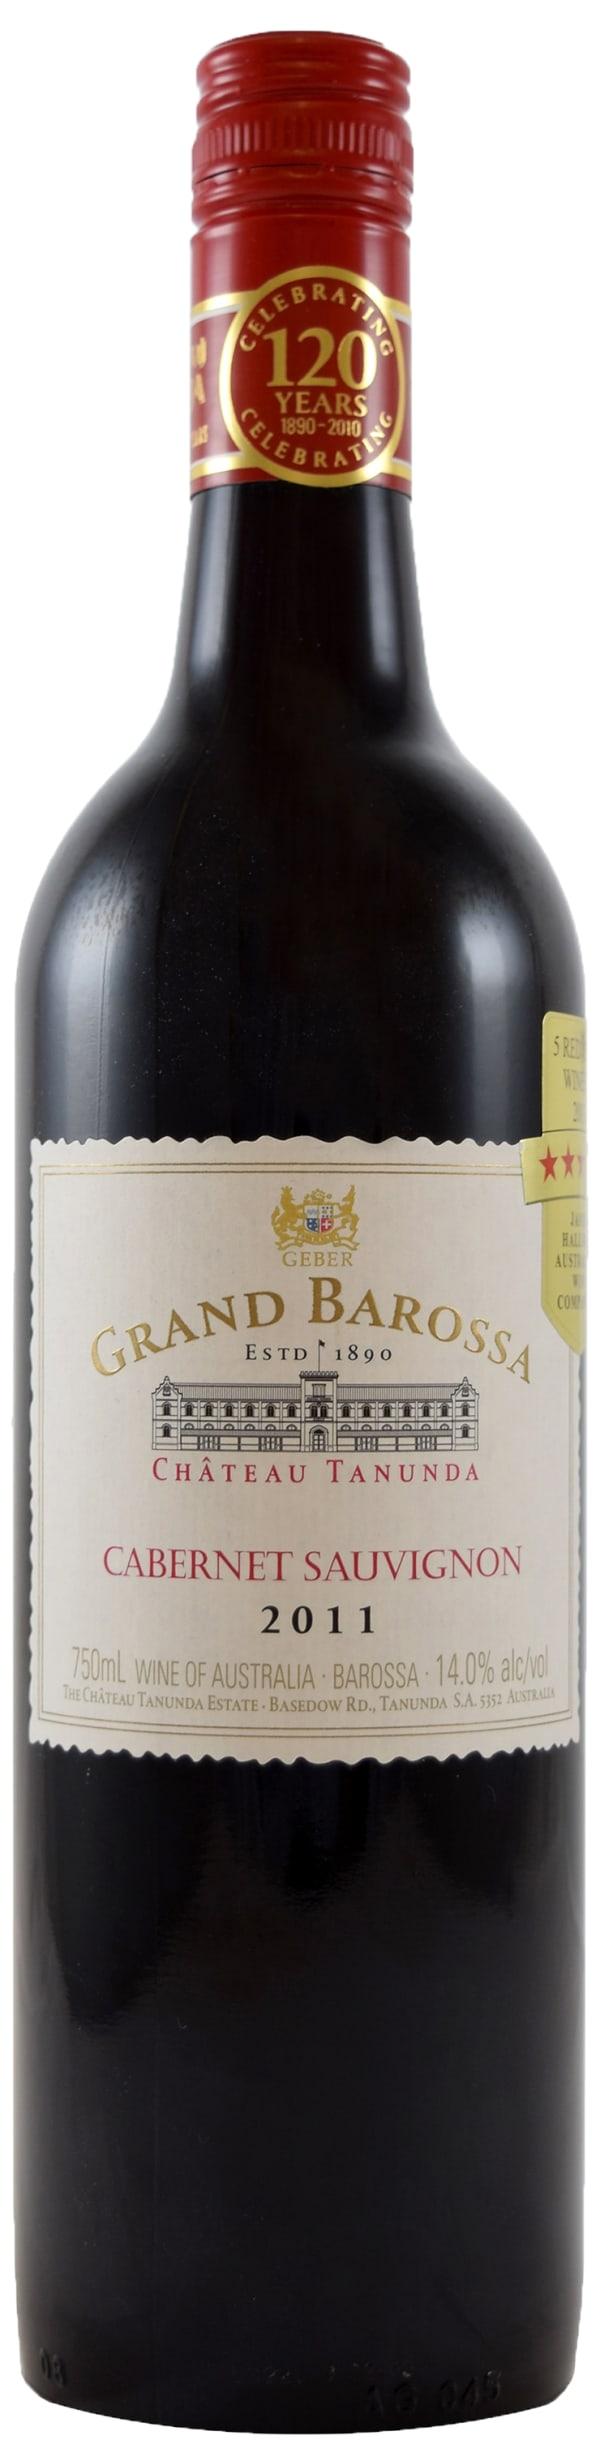 Grand Barossa Cabernet Sauvignon 2011